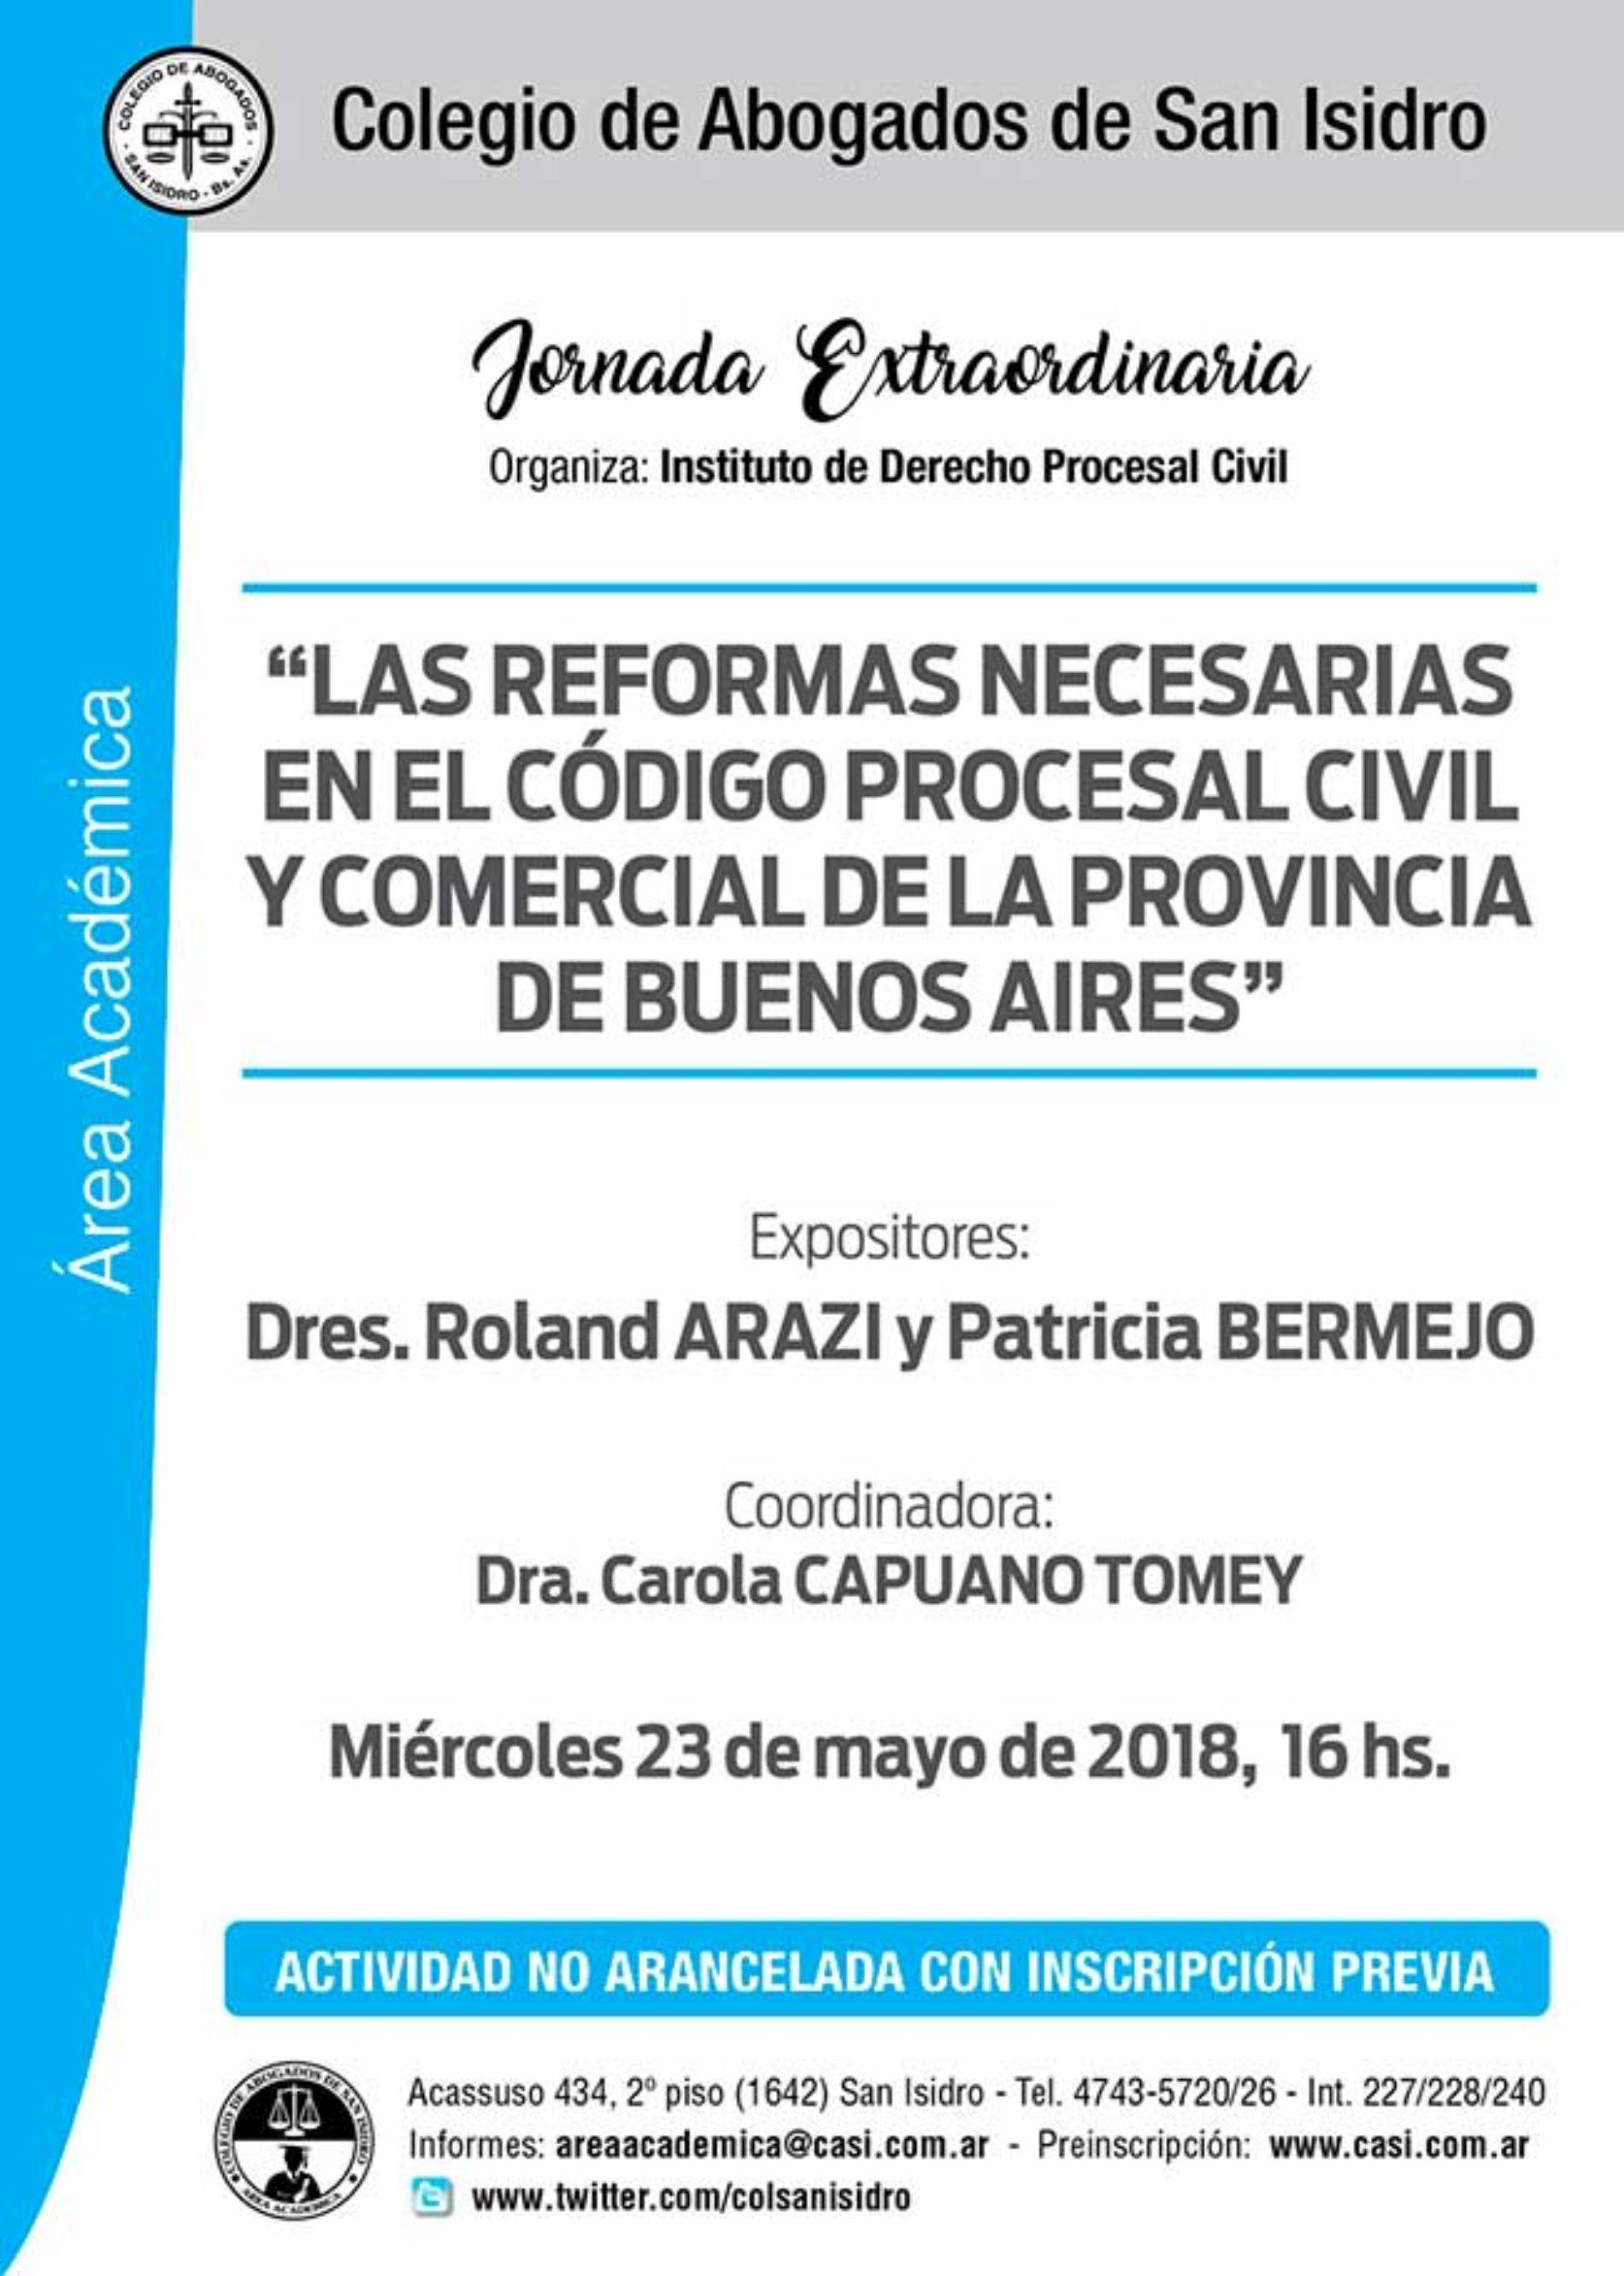 «Reformas necesarias en el Código Procesal Civil y Comercial de la Provincia de Buenos Aires».